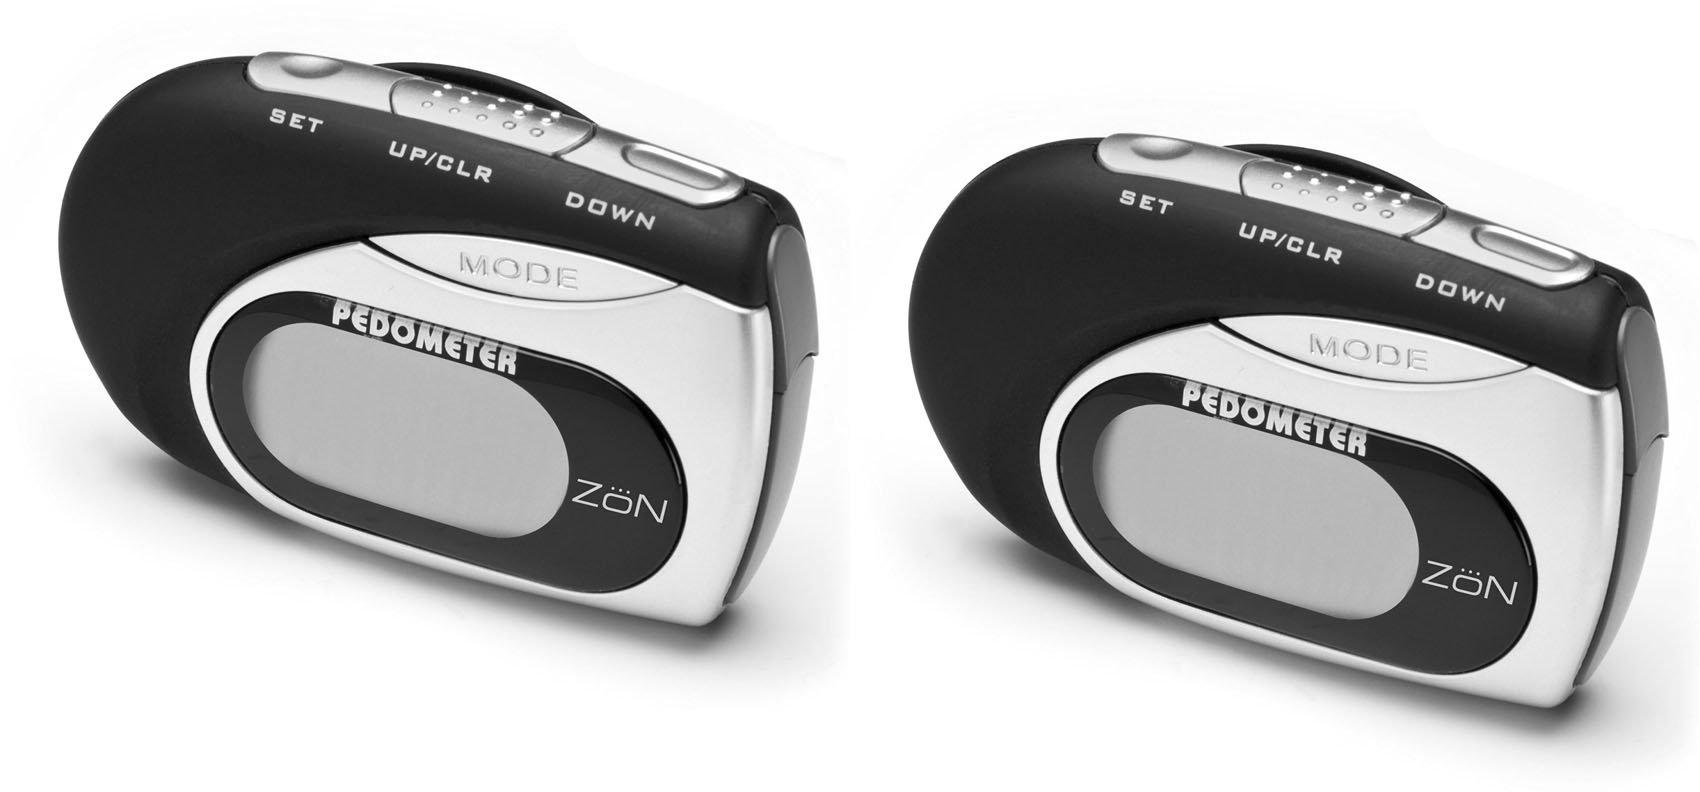 ZON Digital Pedometer Multi-Function- 2 Pack